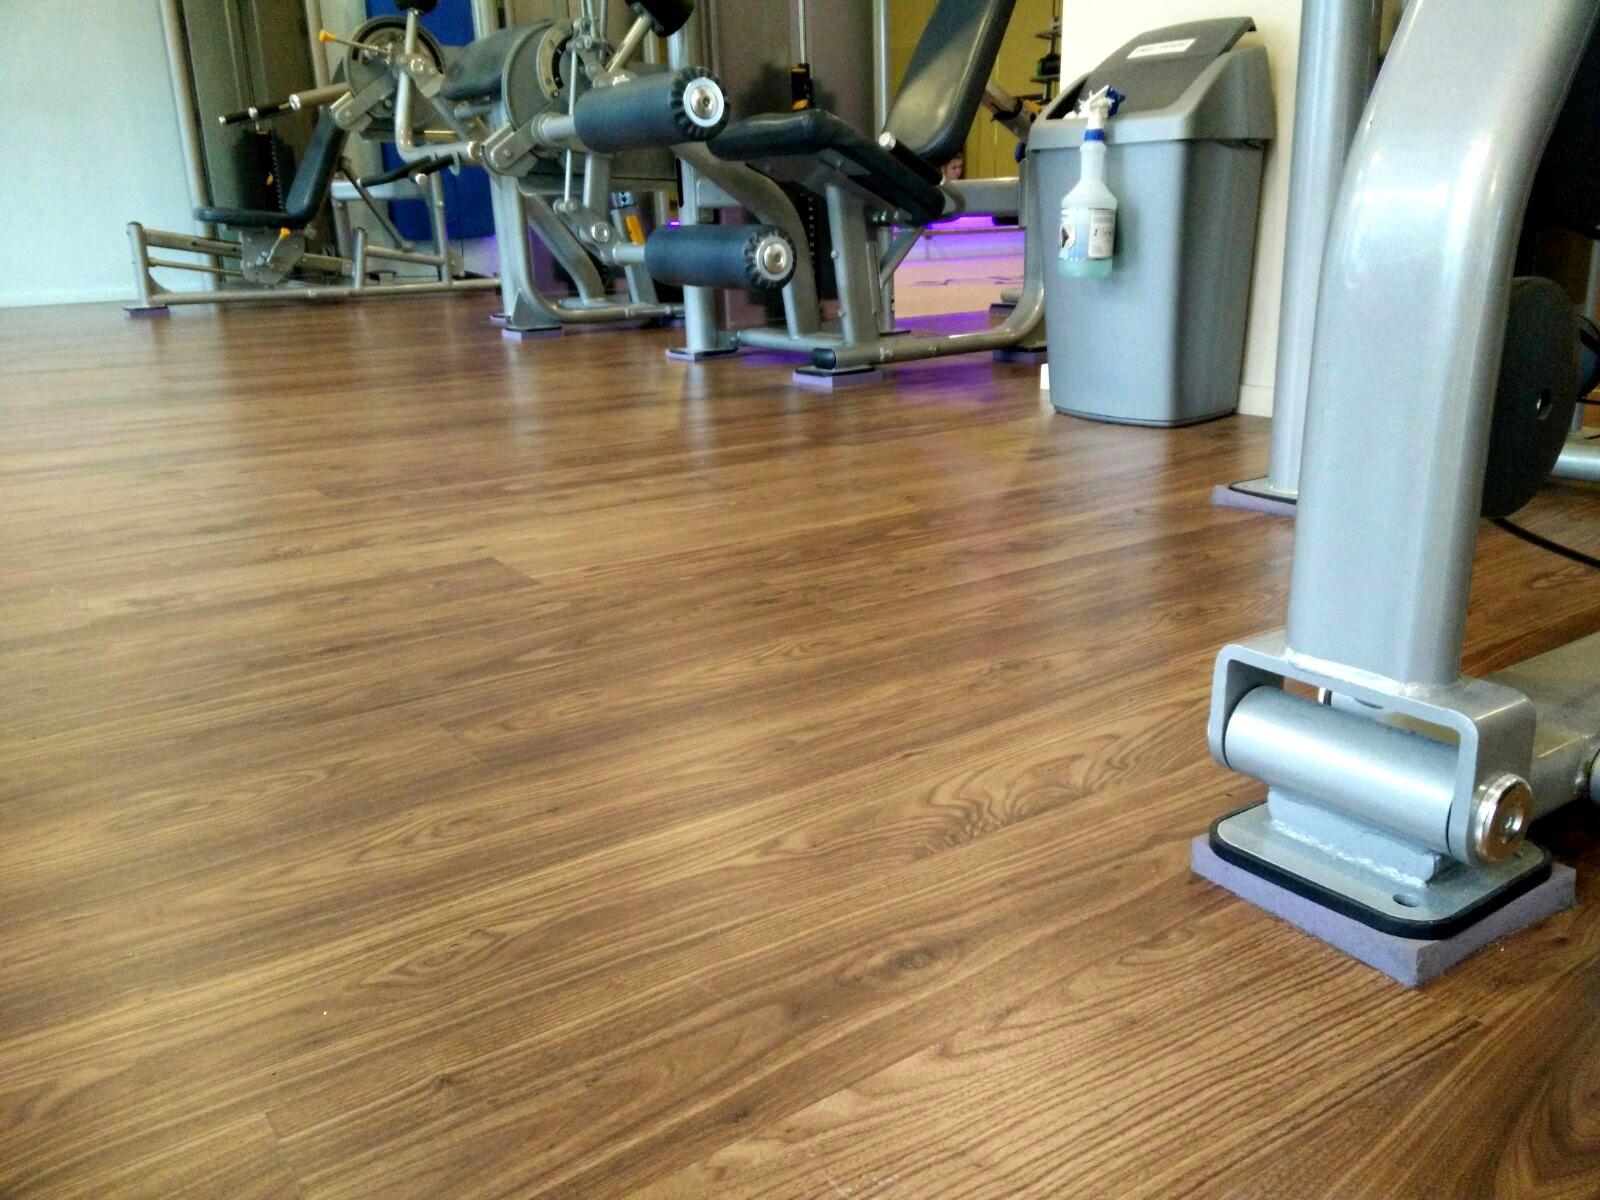 Ontkoppelde fitness apparaten